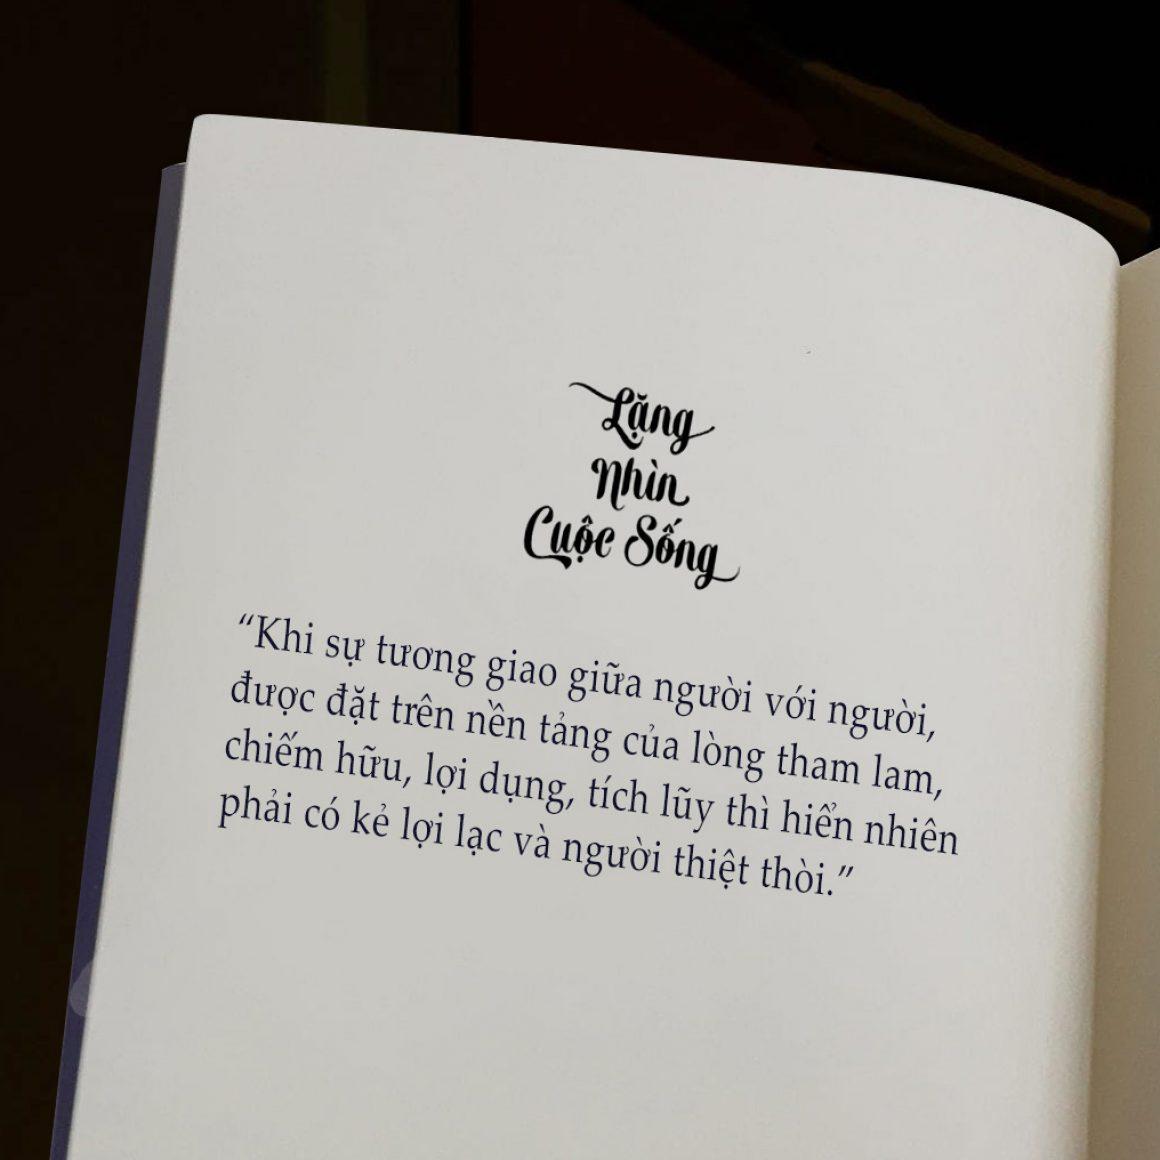 sách lặng nhìn cuộc sống